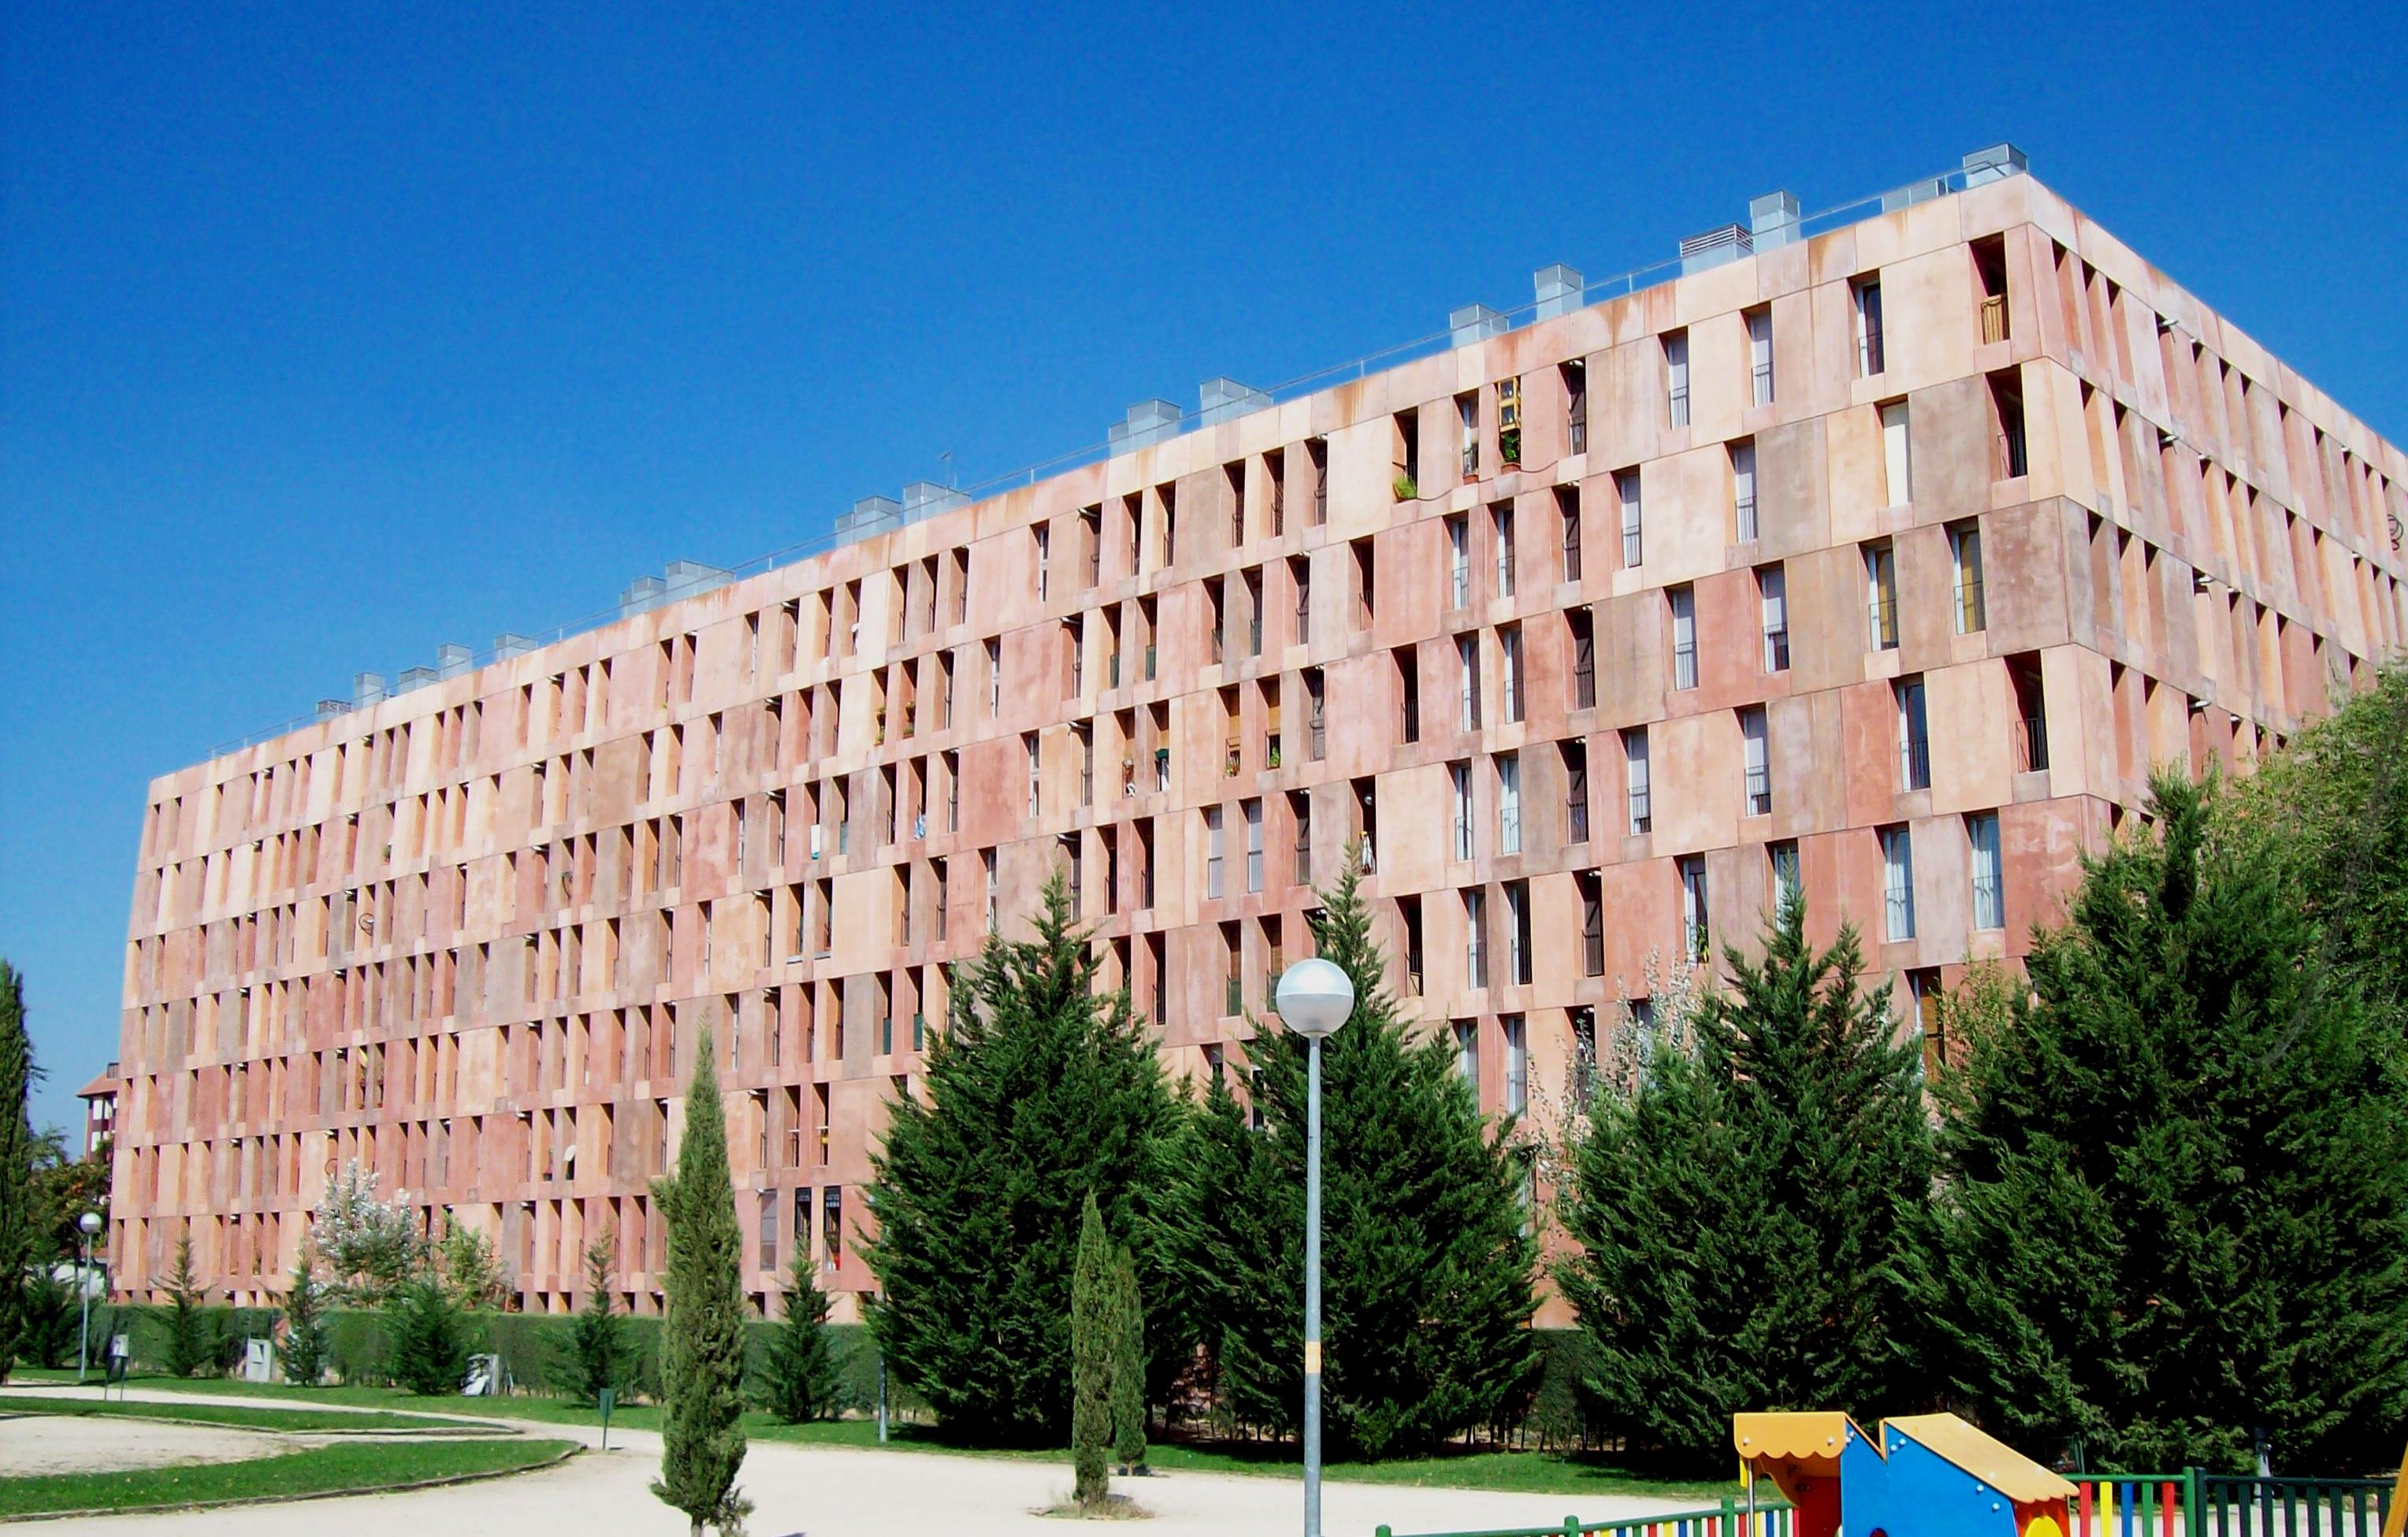 Эдифисио Verona,203А, Вильяверде, Мадрид. Фото 1